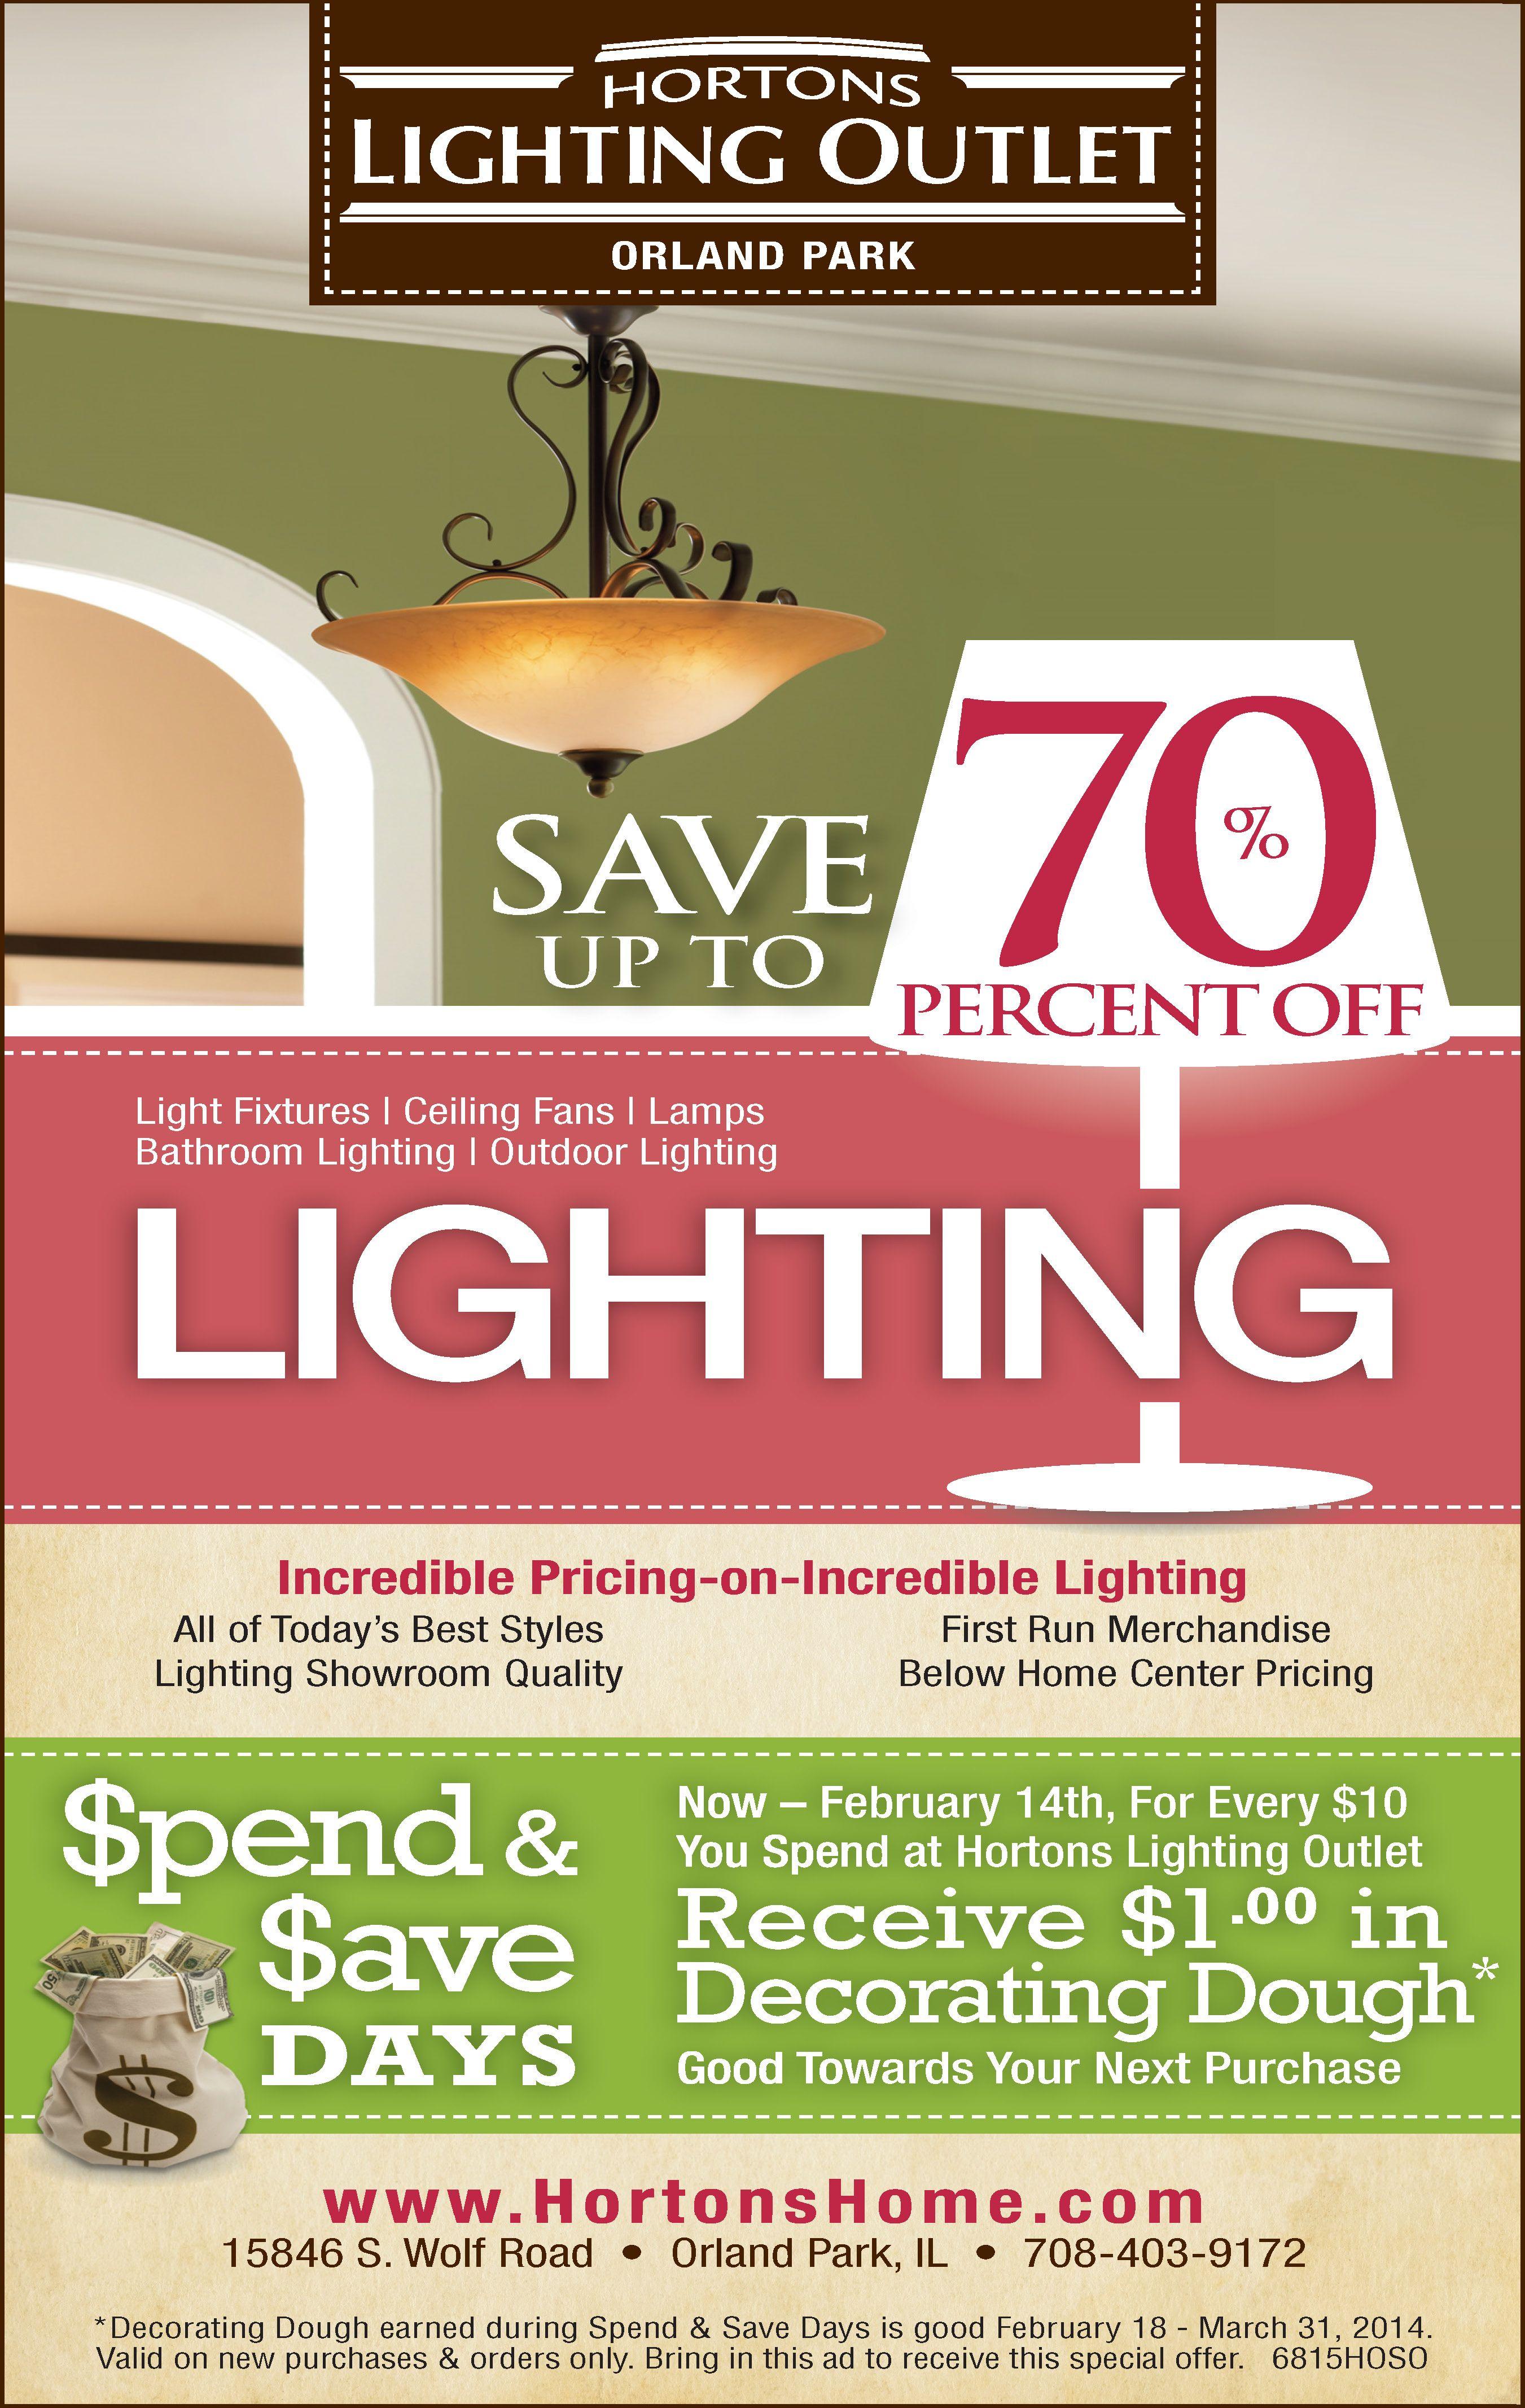 Lighting Event For Hortons Home Designed By Jet Advertising February 2017